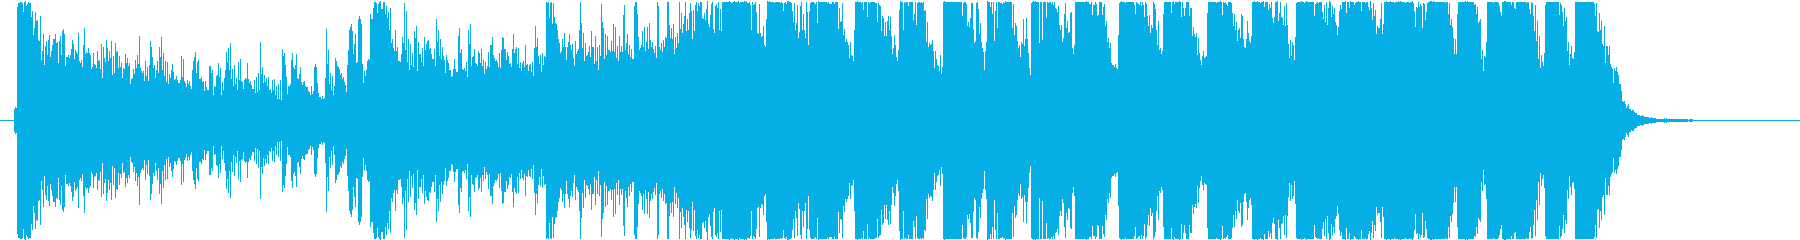 派手なEDM系登場系ファンキーなジングルの再生済みの波形